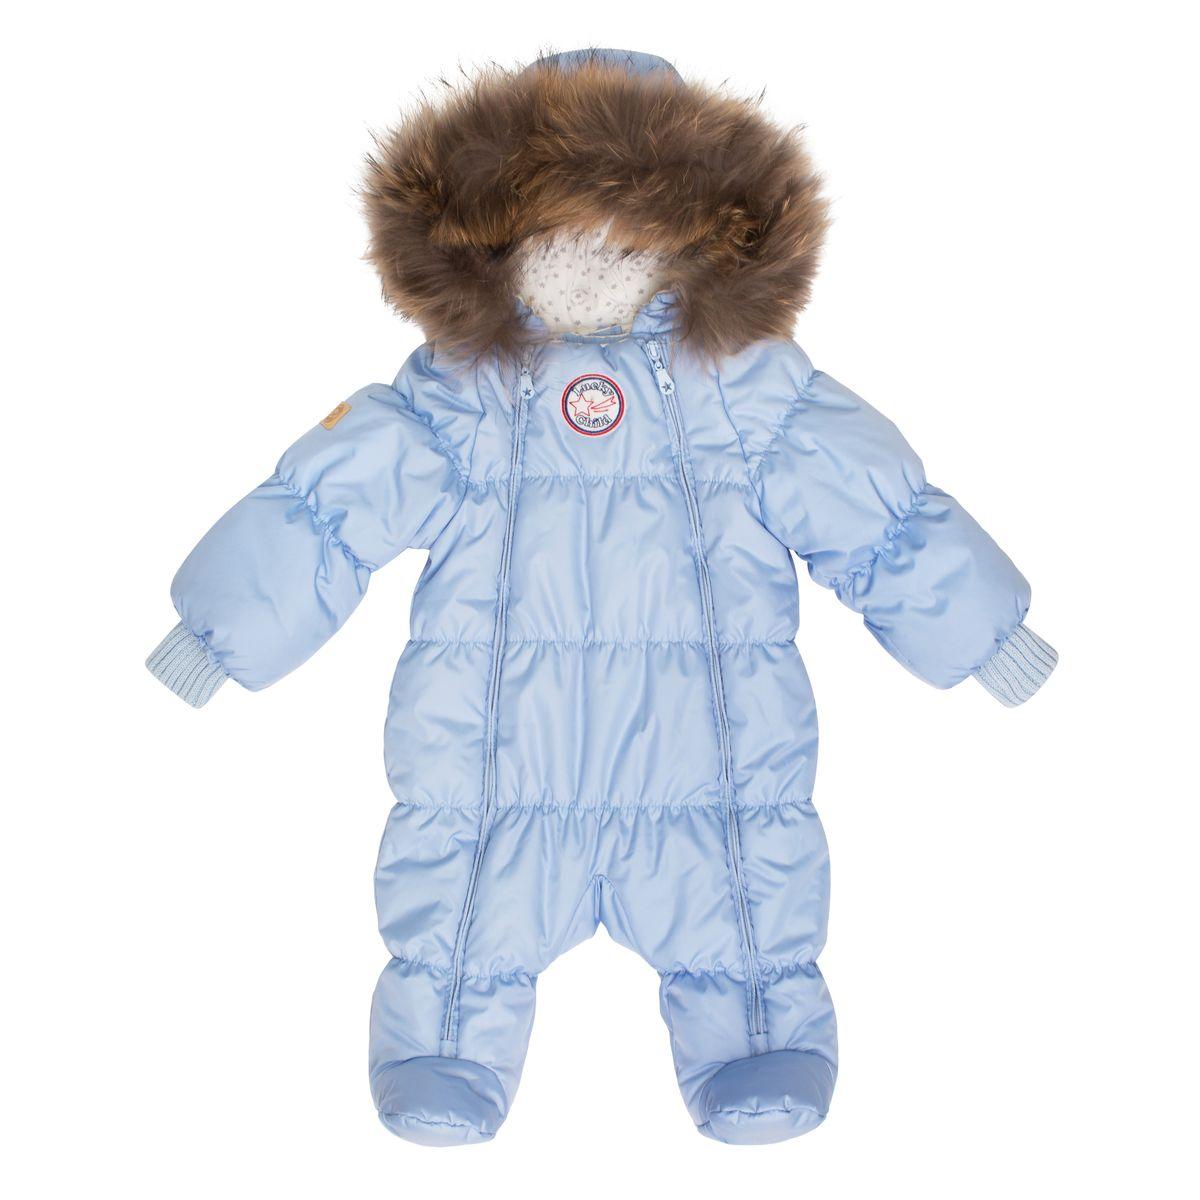 Комбинезон утепленныйВ1-2Неважно, будет ли ваш кроха спать всю прогулку или пойдёт разглядывать снег, ему будет удобно в этом тёплом и лёгком комбинезоне. Сверху - качественная курточная ткань с влагостойкой пропиткой, внутри - наполнитель Isosoft и трикотажная подкладка с воздухопроницаемыми и водоотводными свойствами. Удобная двойная молния позволяет легко одеть и раздеть ребёнка или просто поменять подгузник и продолжить прогулку при температуре до -30°. Ручки младенца можно легко спрятать в отворачивающуюся варежку. Капюшон оторочен натуральным мехом енота.